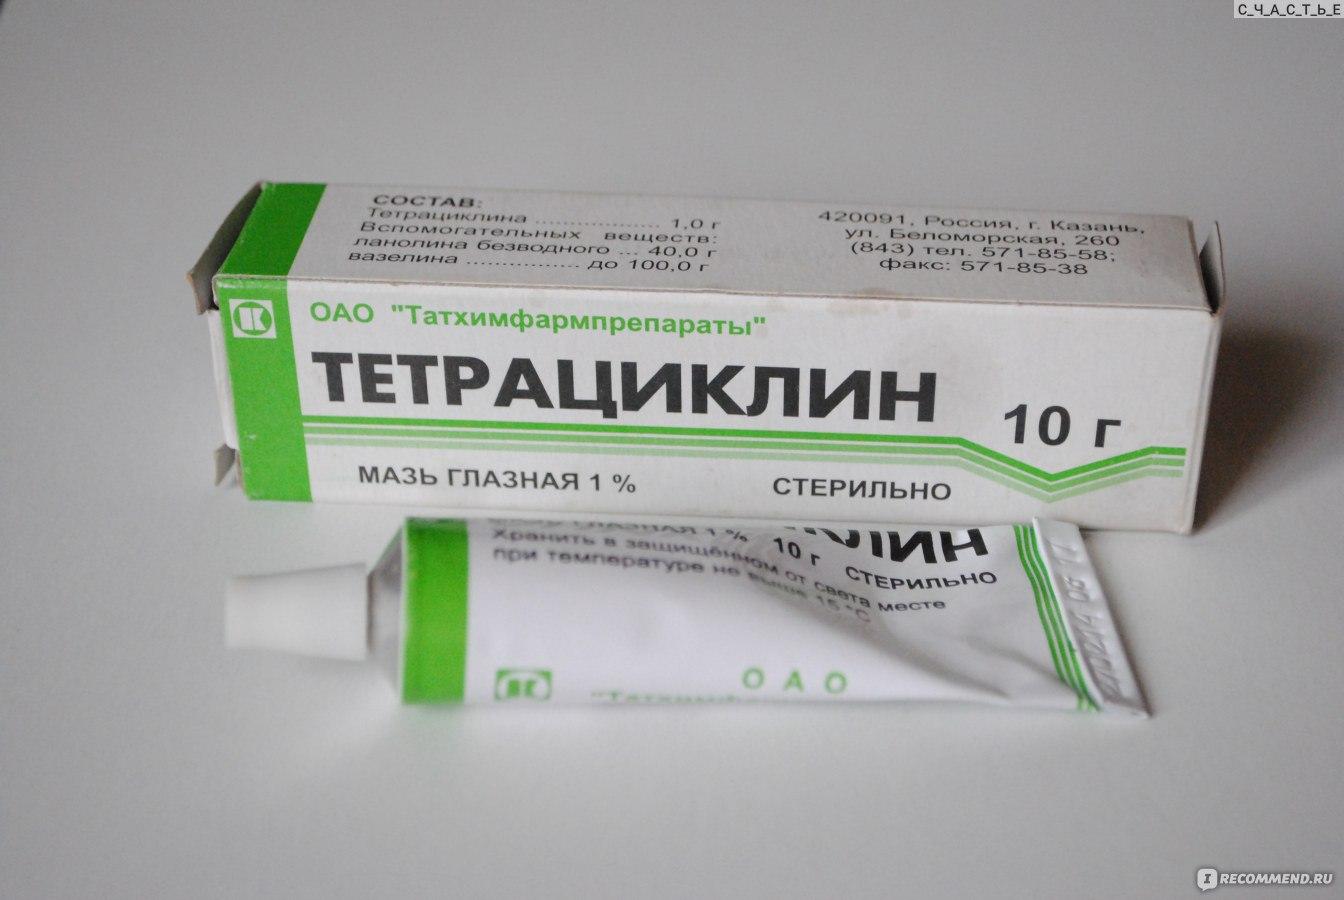 Тетрациклиновая мазь для глаз при беременности